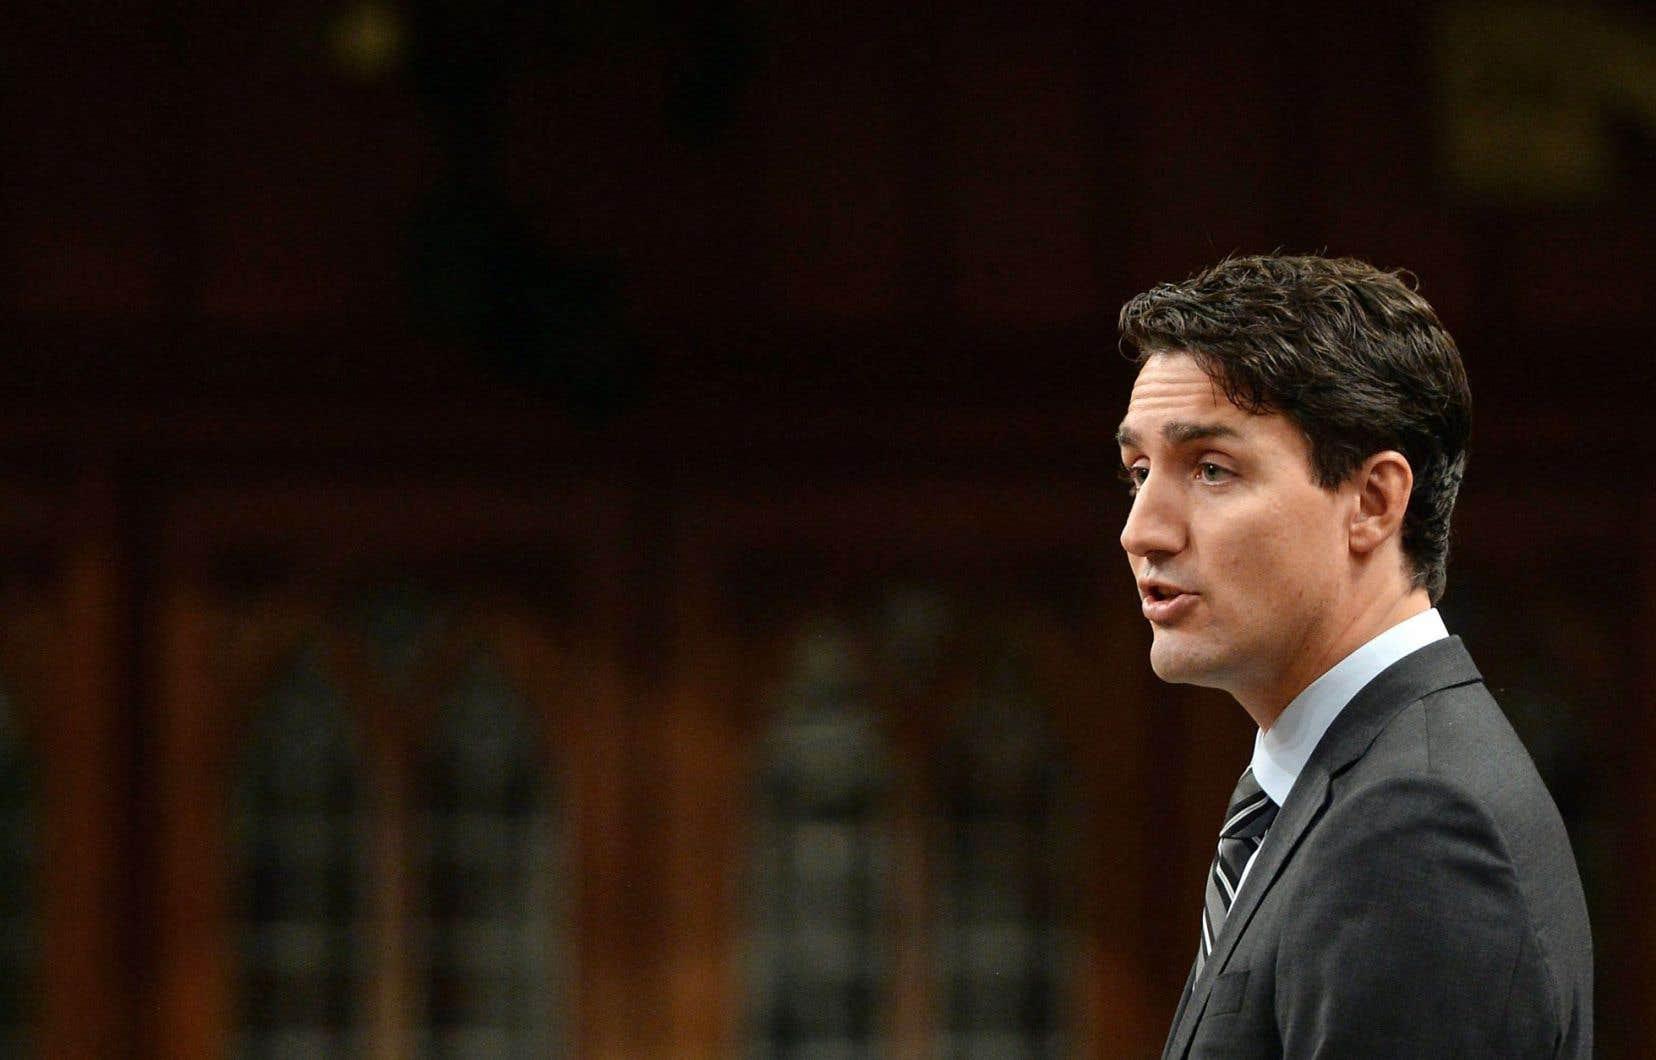 Le premier ministre Trudeau a suscité une certaine controverse cette semaine en annonçant qu'il imposerait, dès 2018, une taxe sur le carbone aux provinces qui tardent à agir.